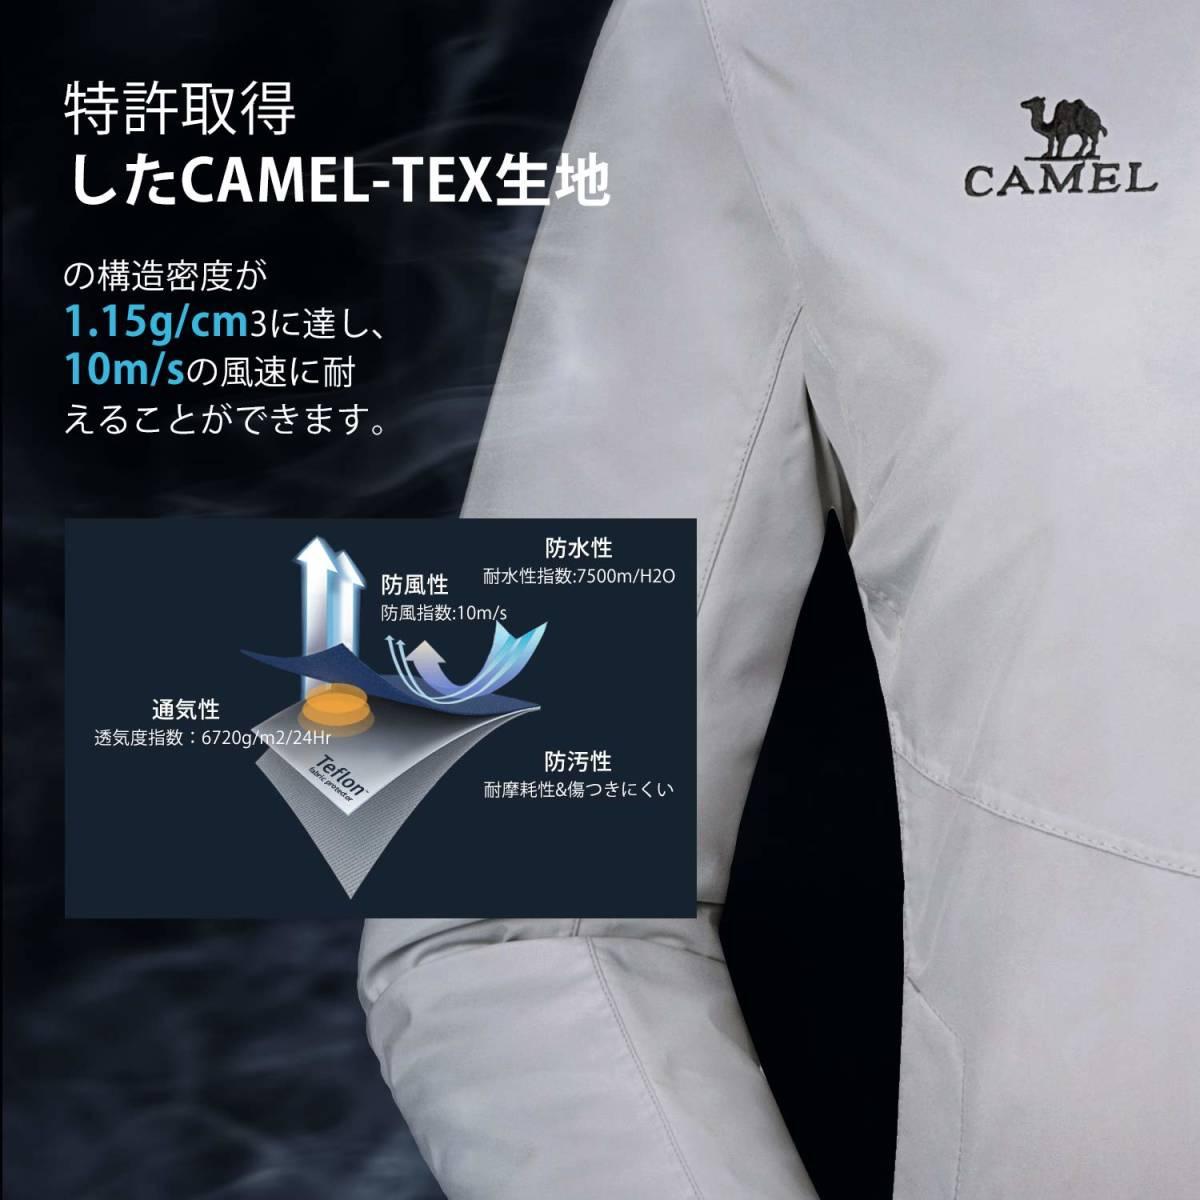 【未使用】 Camel【キャメル】 アウトドア ジャケット インナー コート 二着セット A_画像3